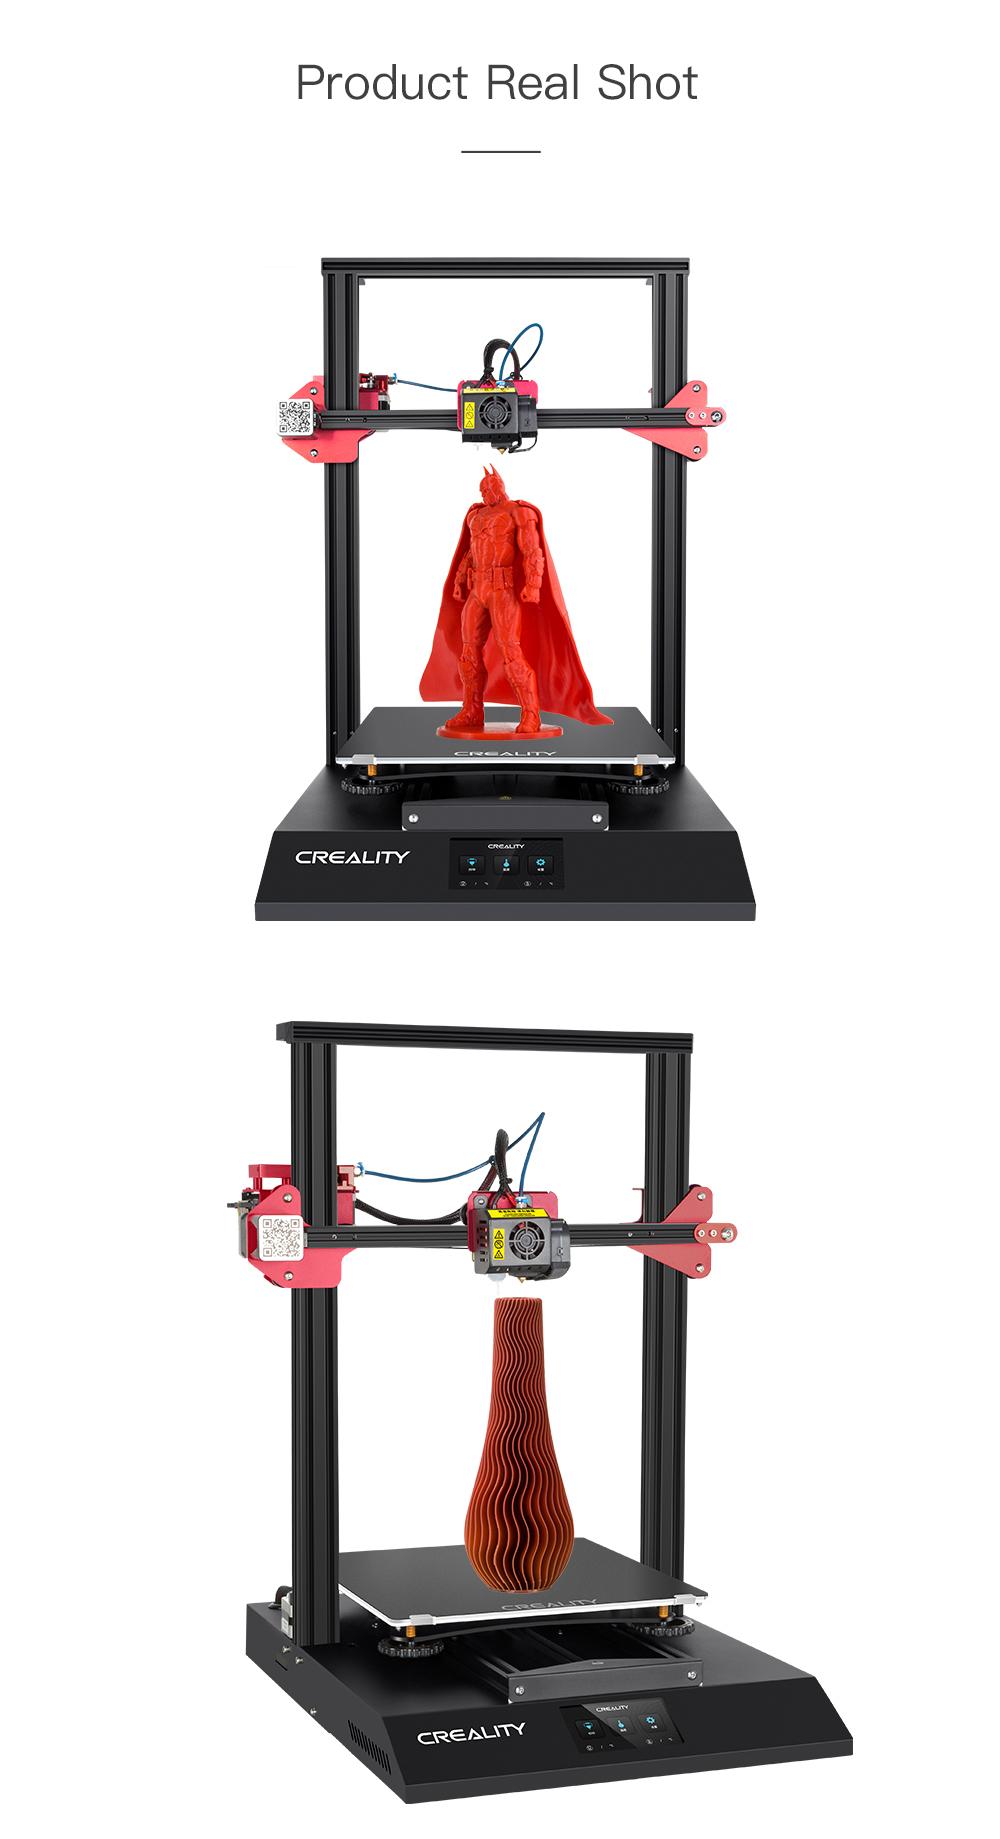 Creality3D CR-10S Pro V2 3D-Drucker Bausatz - 300x300x400mm - Verschiedene 3D-Drucker Ansichten mit Druckmodellen